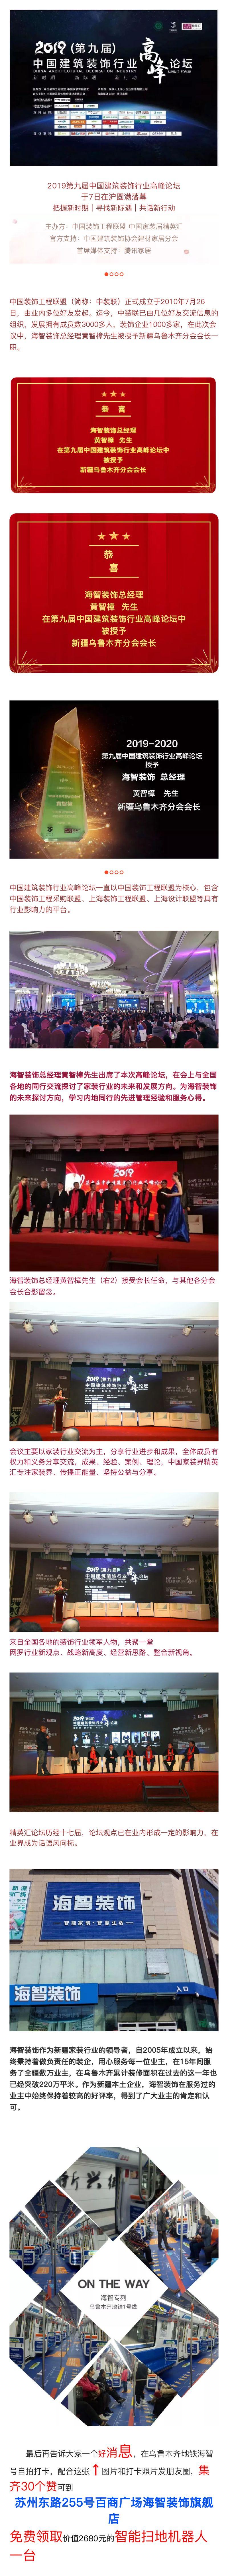 中国建筑装饰高峰论坛闭幕,万博体育下载客户端装饰荣任会长.jpg